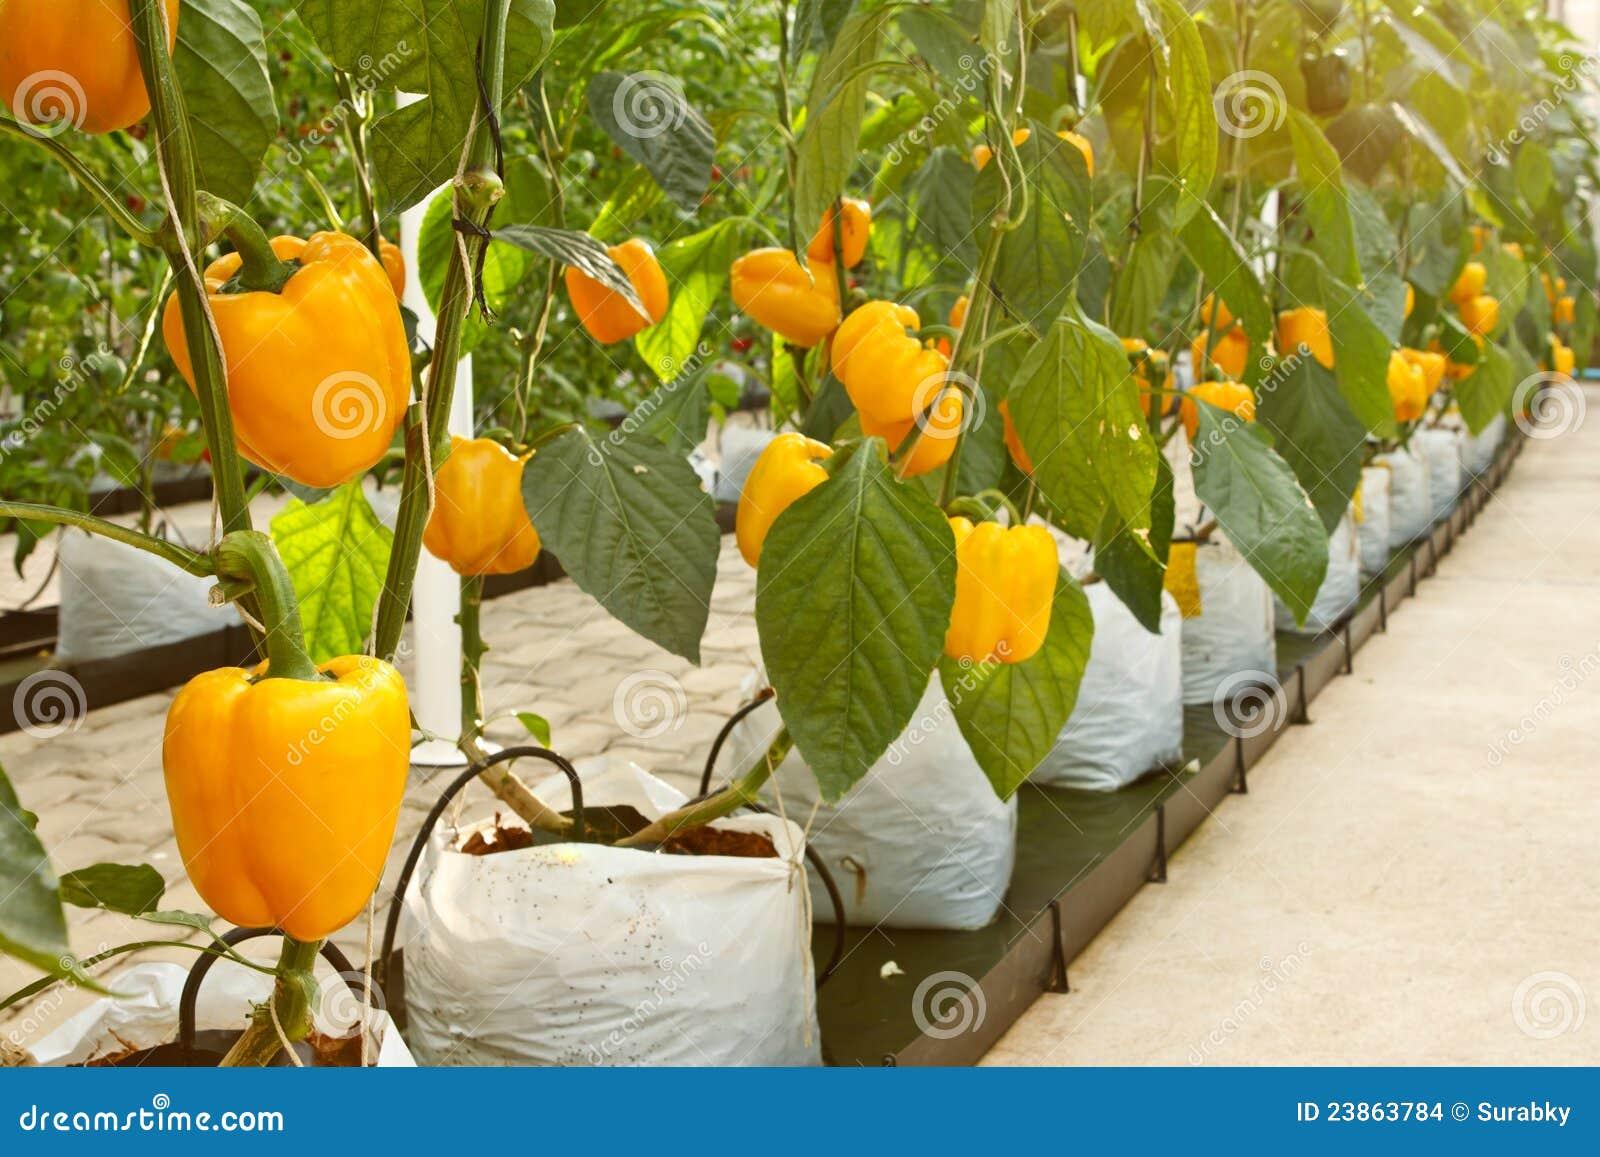 Soilless plantation technique stock images image 23863784 for Soil less farming